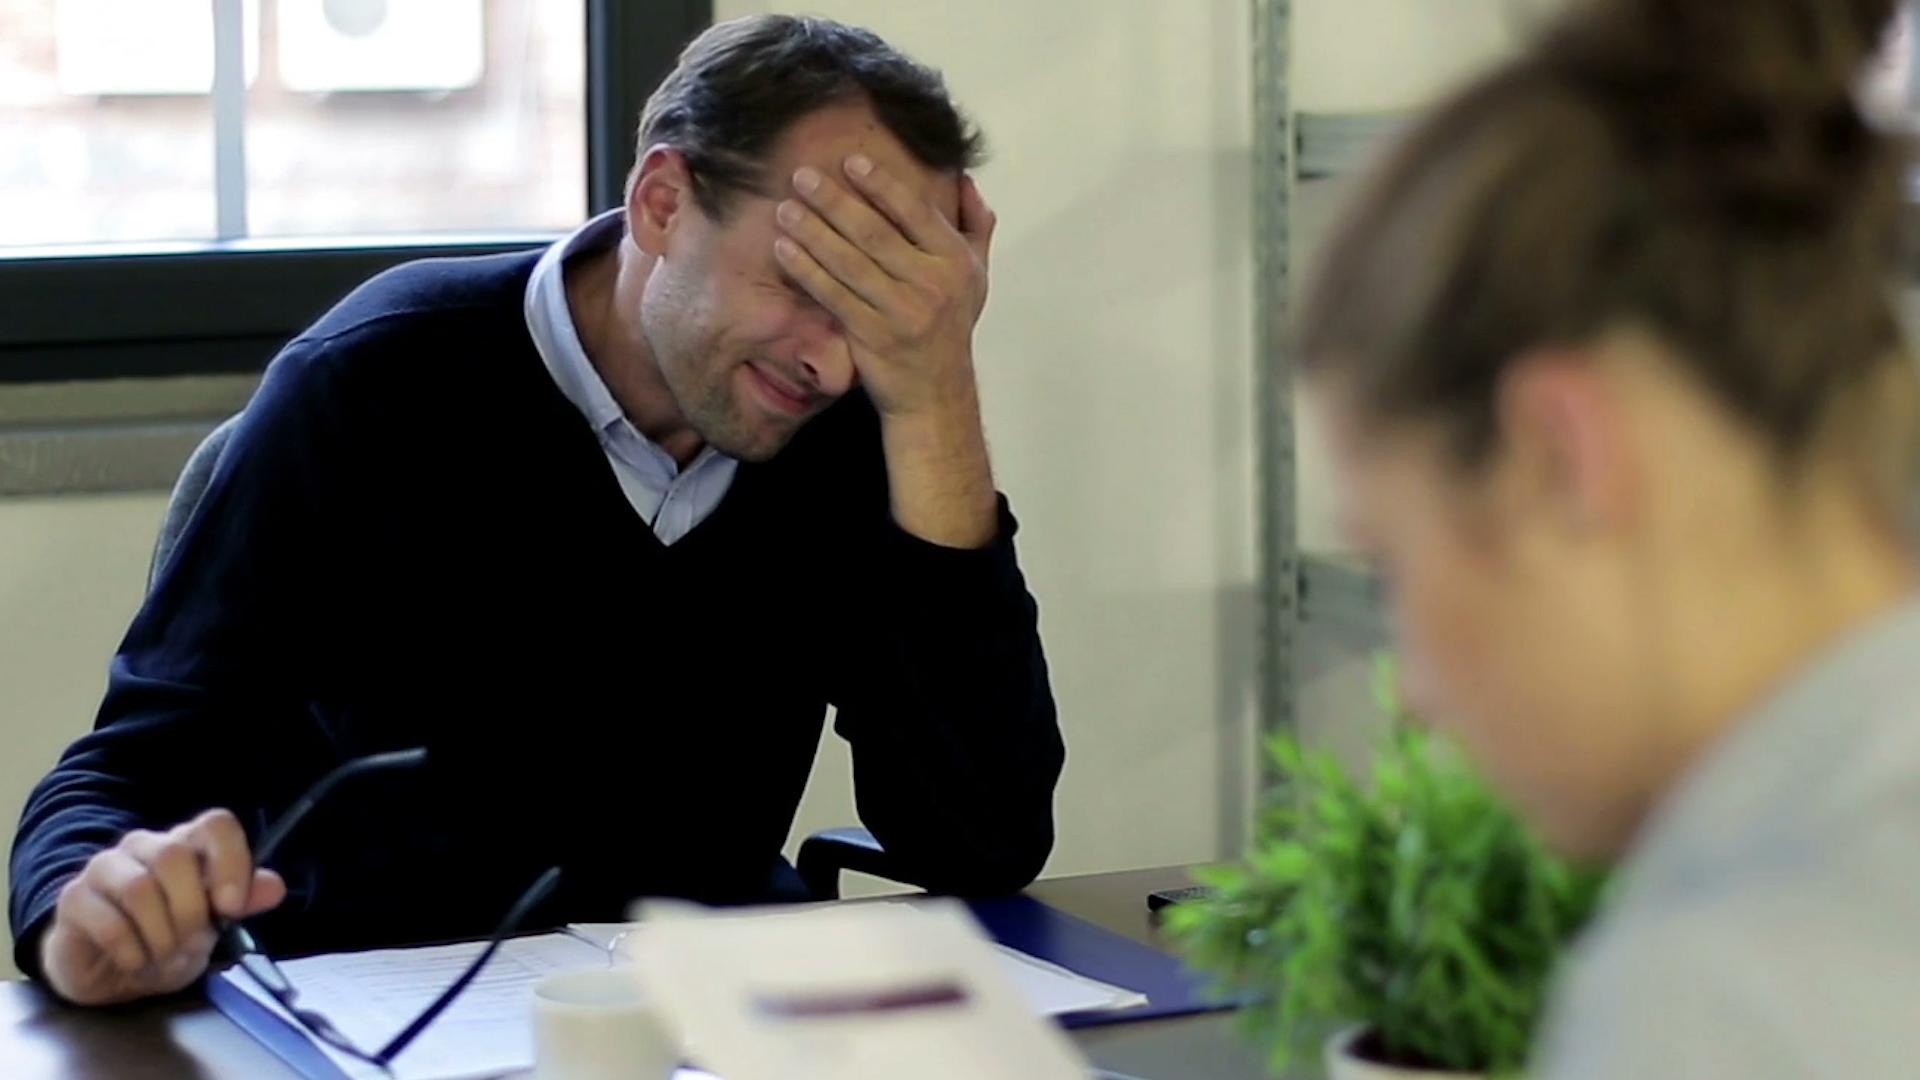 overwhelmed-worker